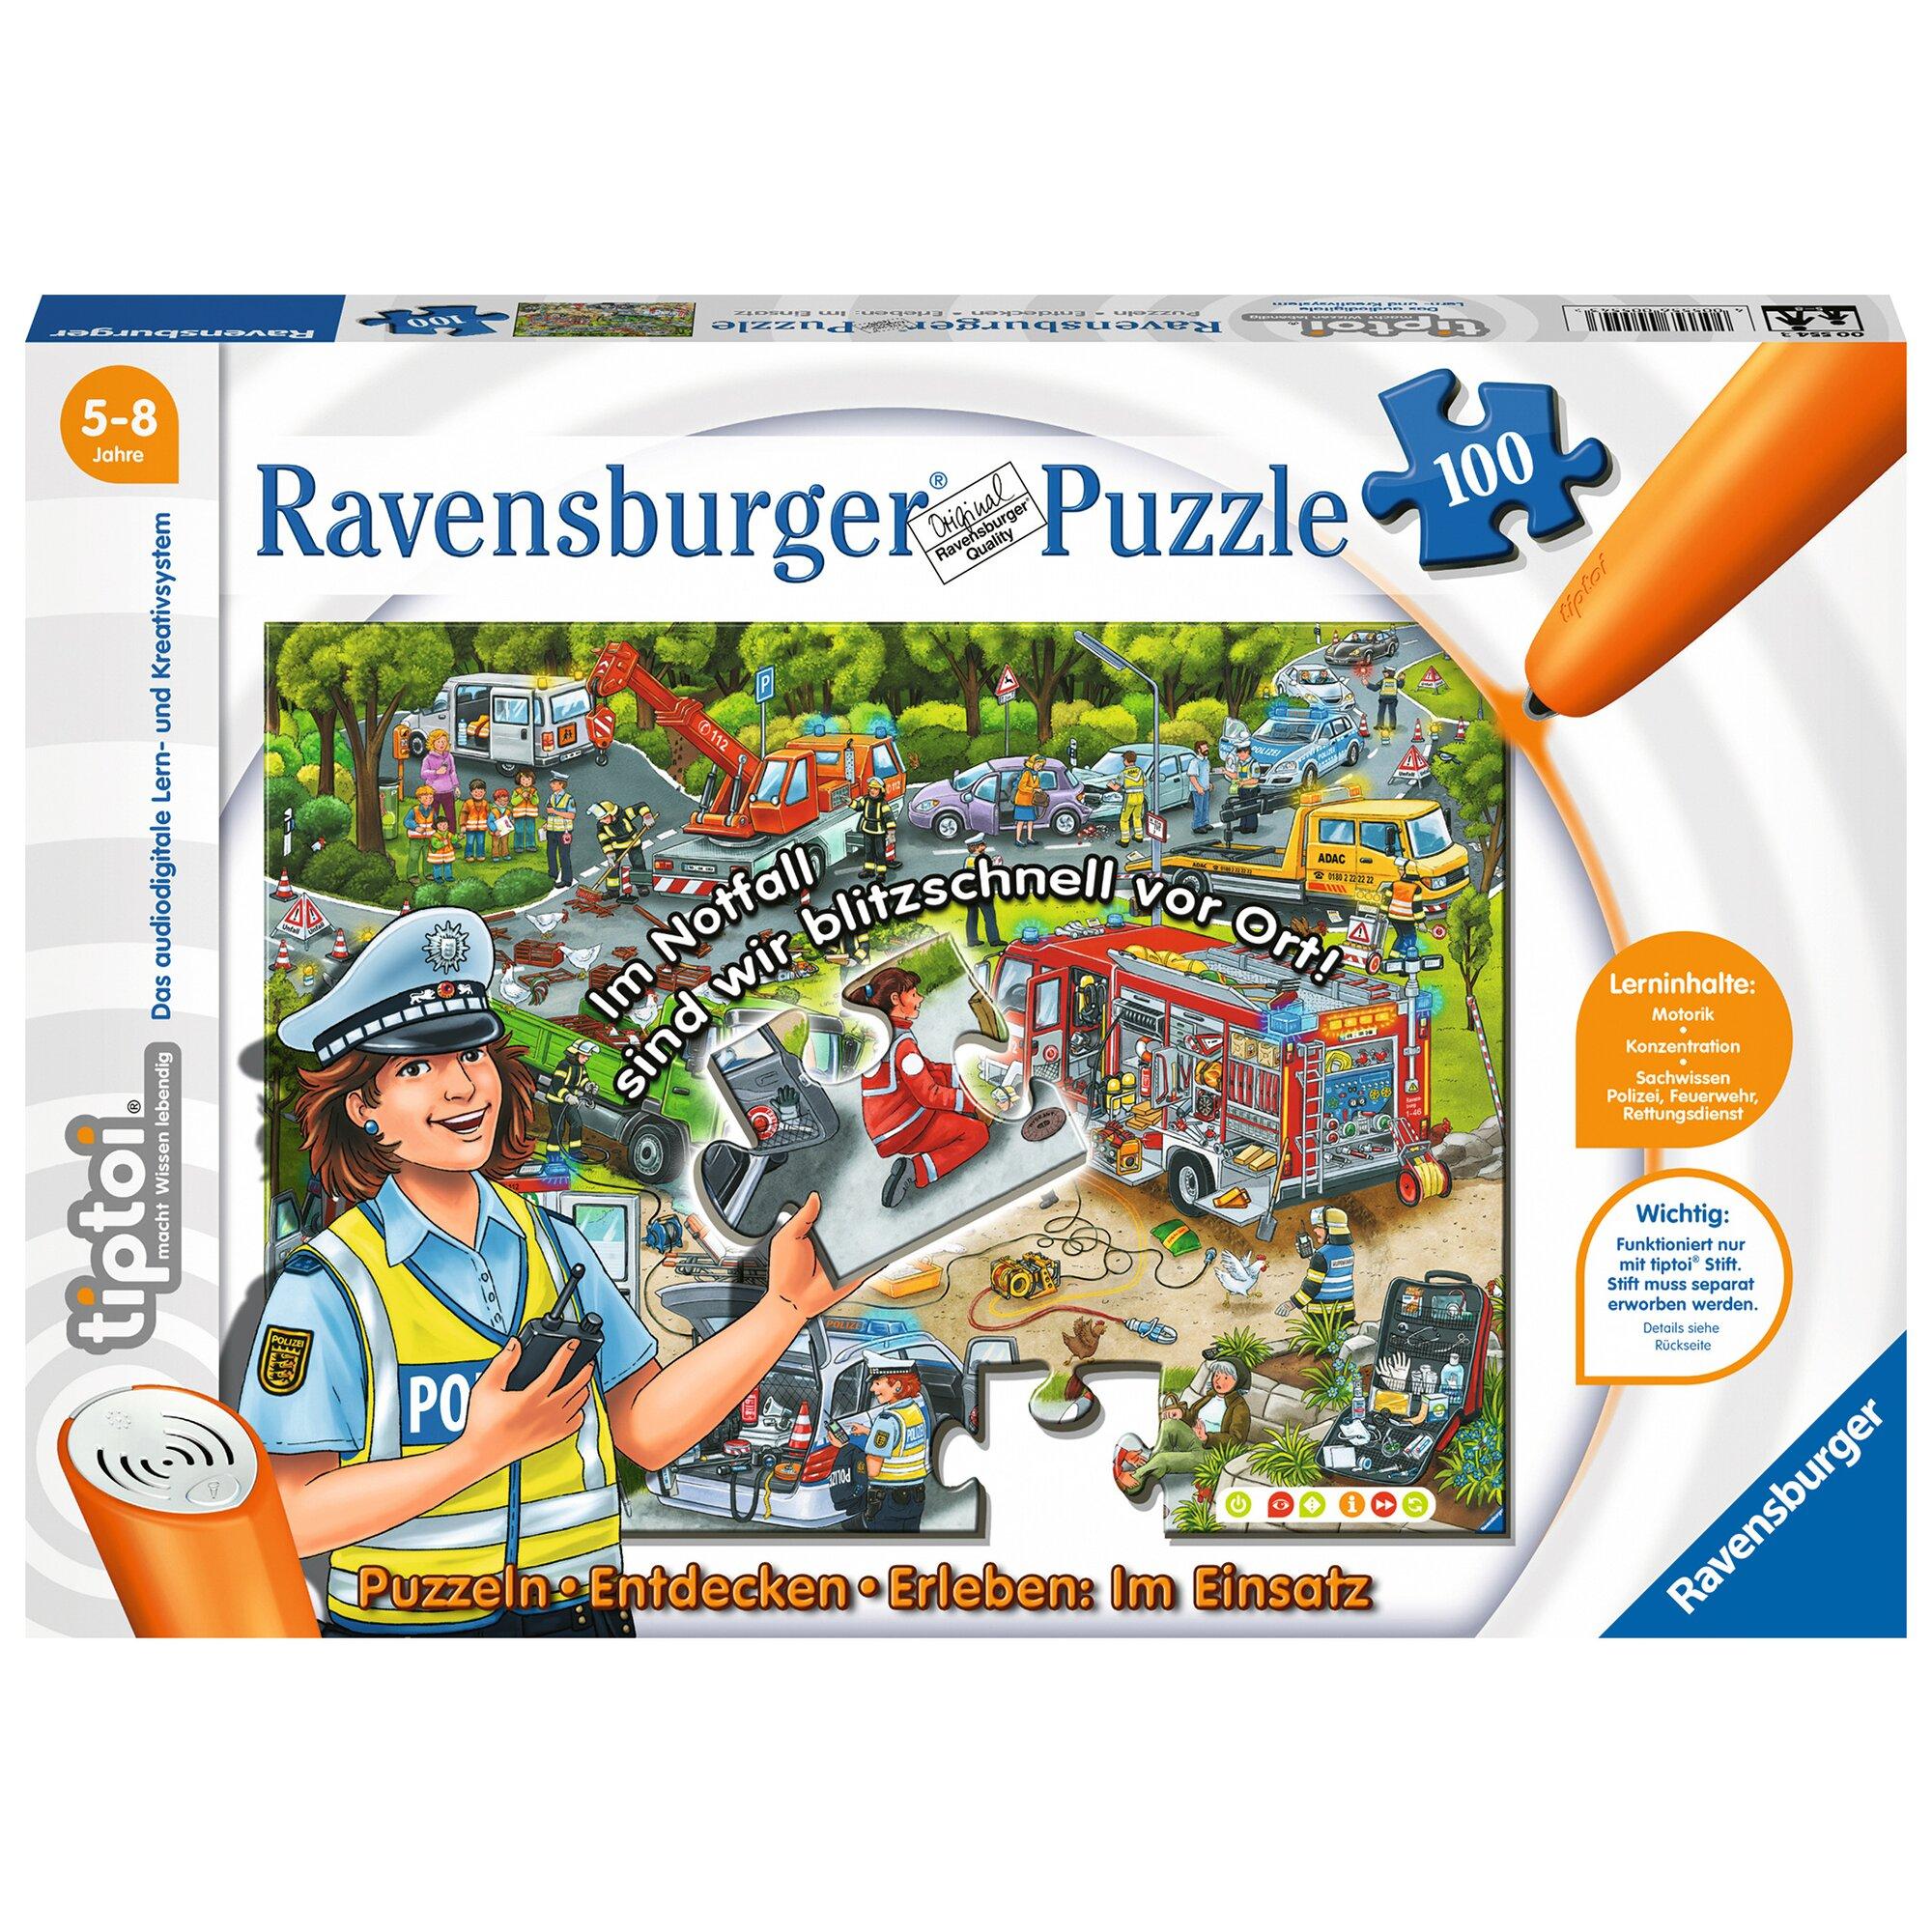 Tiptoi Puzzle, 100 Teile, Puzzlen, Entdecken, Erleben: Im Einsatz